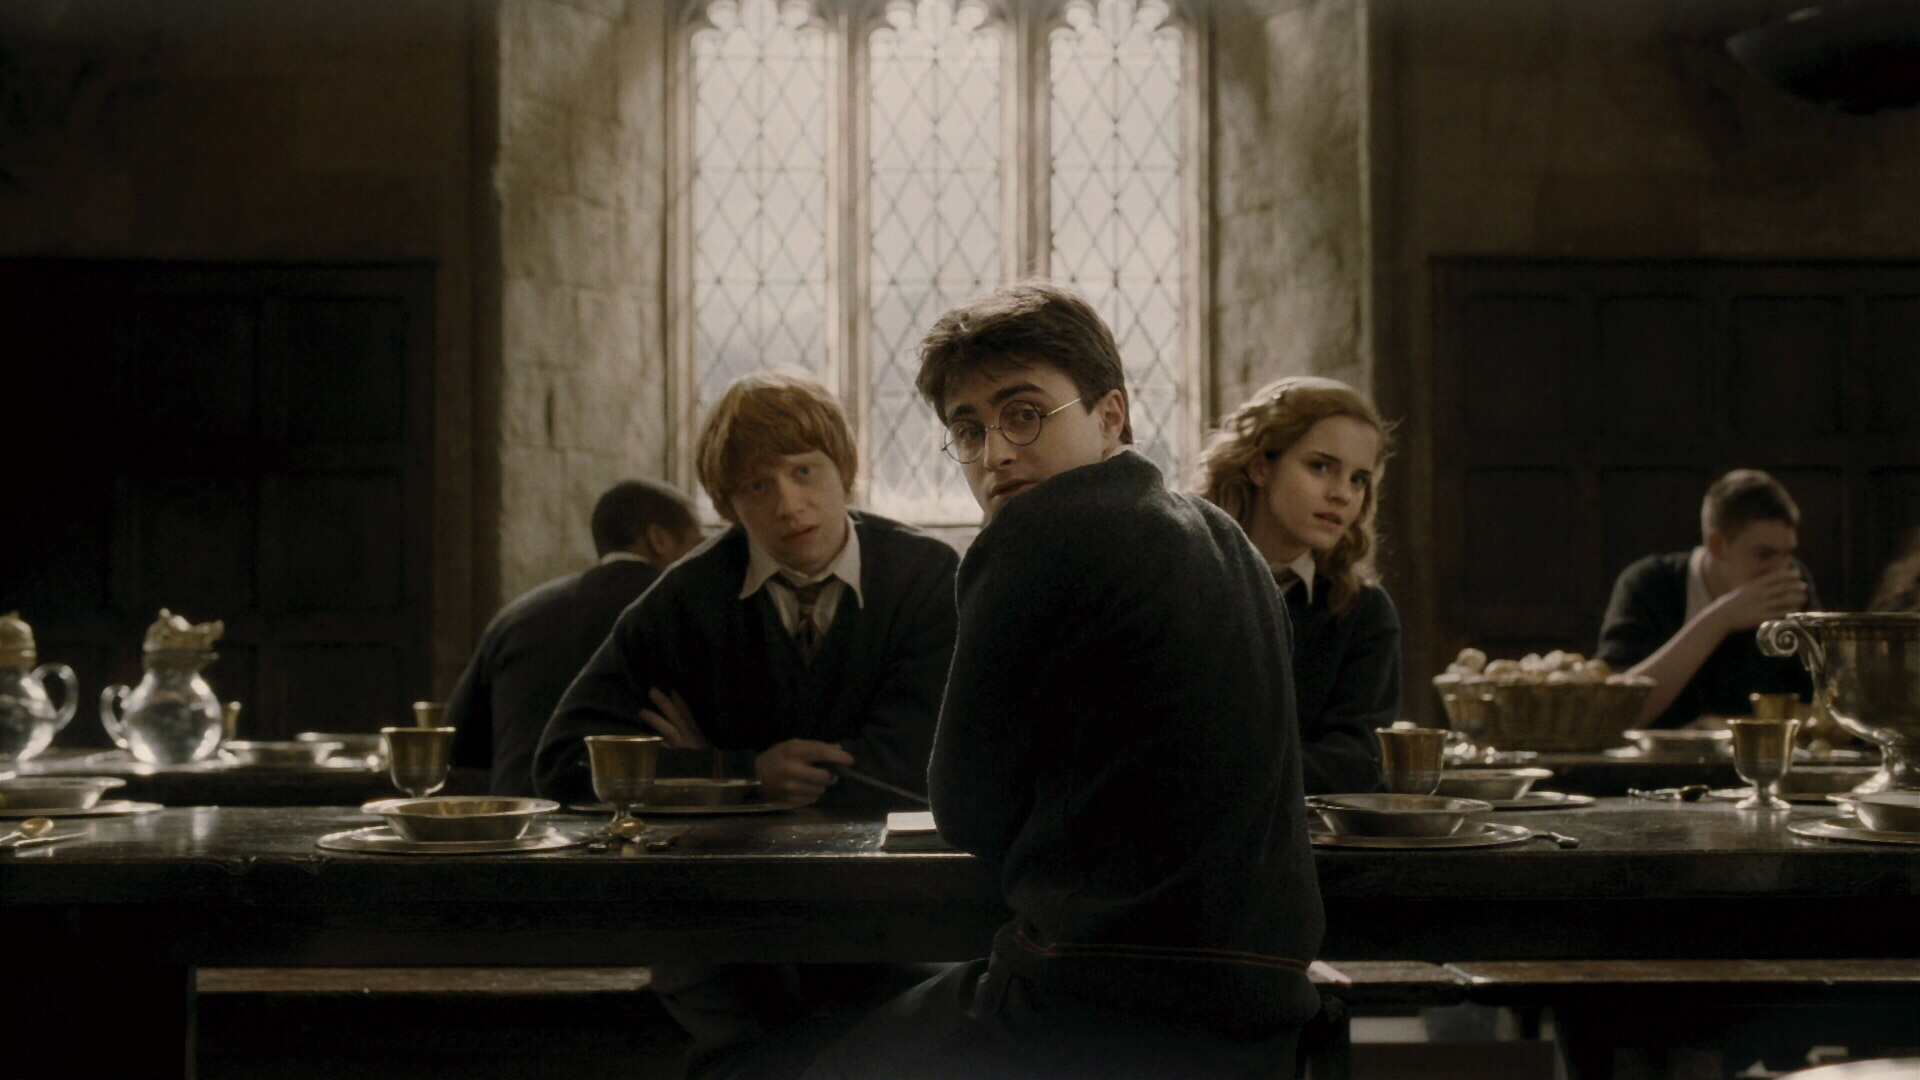 A amizade de Harry Potter (Daniel Radcliffe), Hermione Granger (Emma Watson) e Rony Weasley (Rupert Grint) encantou o mundo, assim como as suas aventuras para derrotar o bruxo das trevas Voldemort